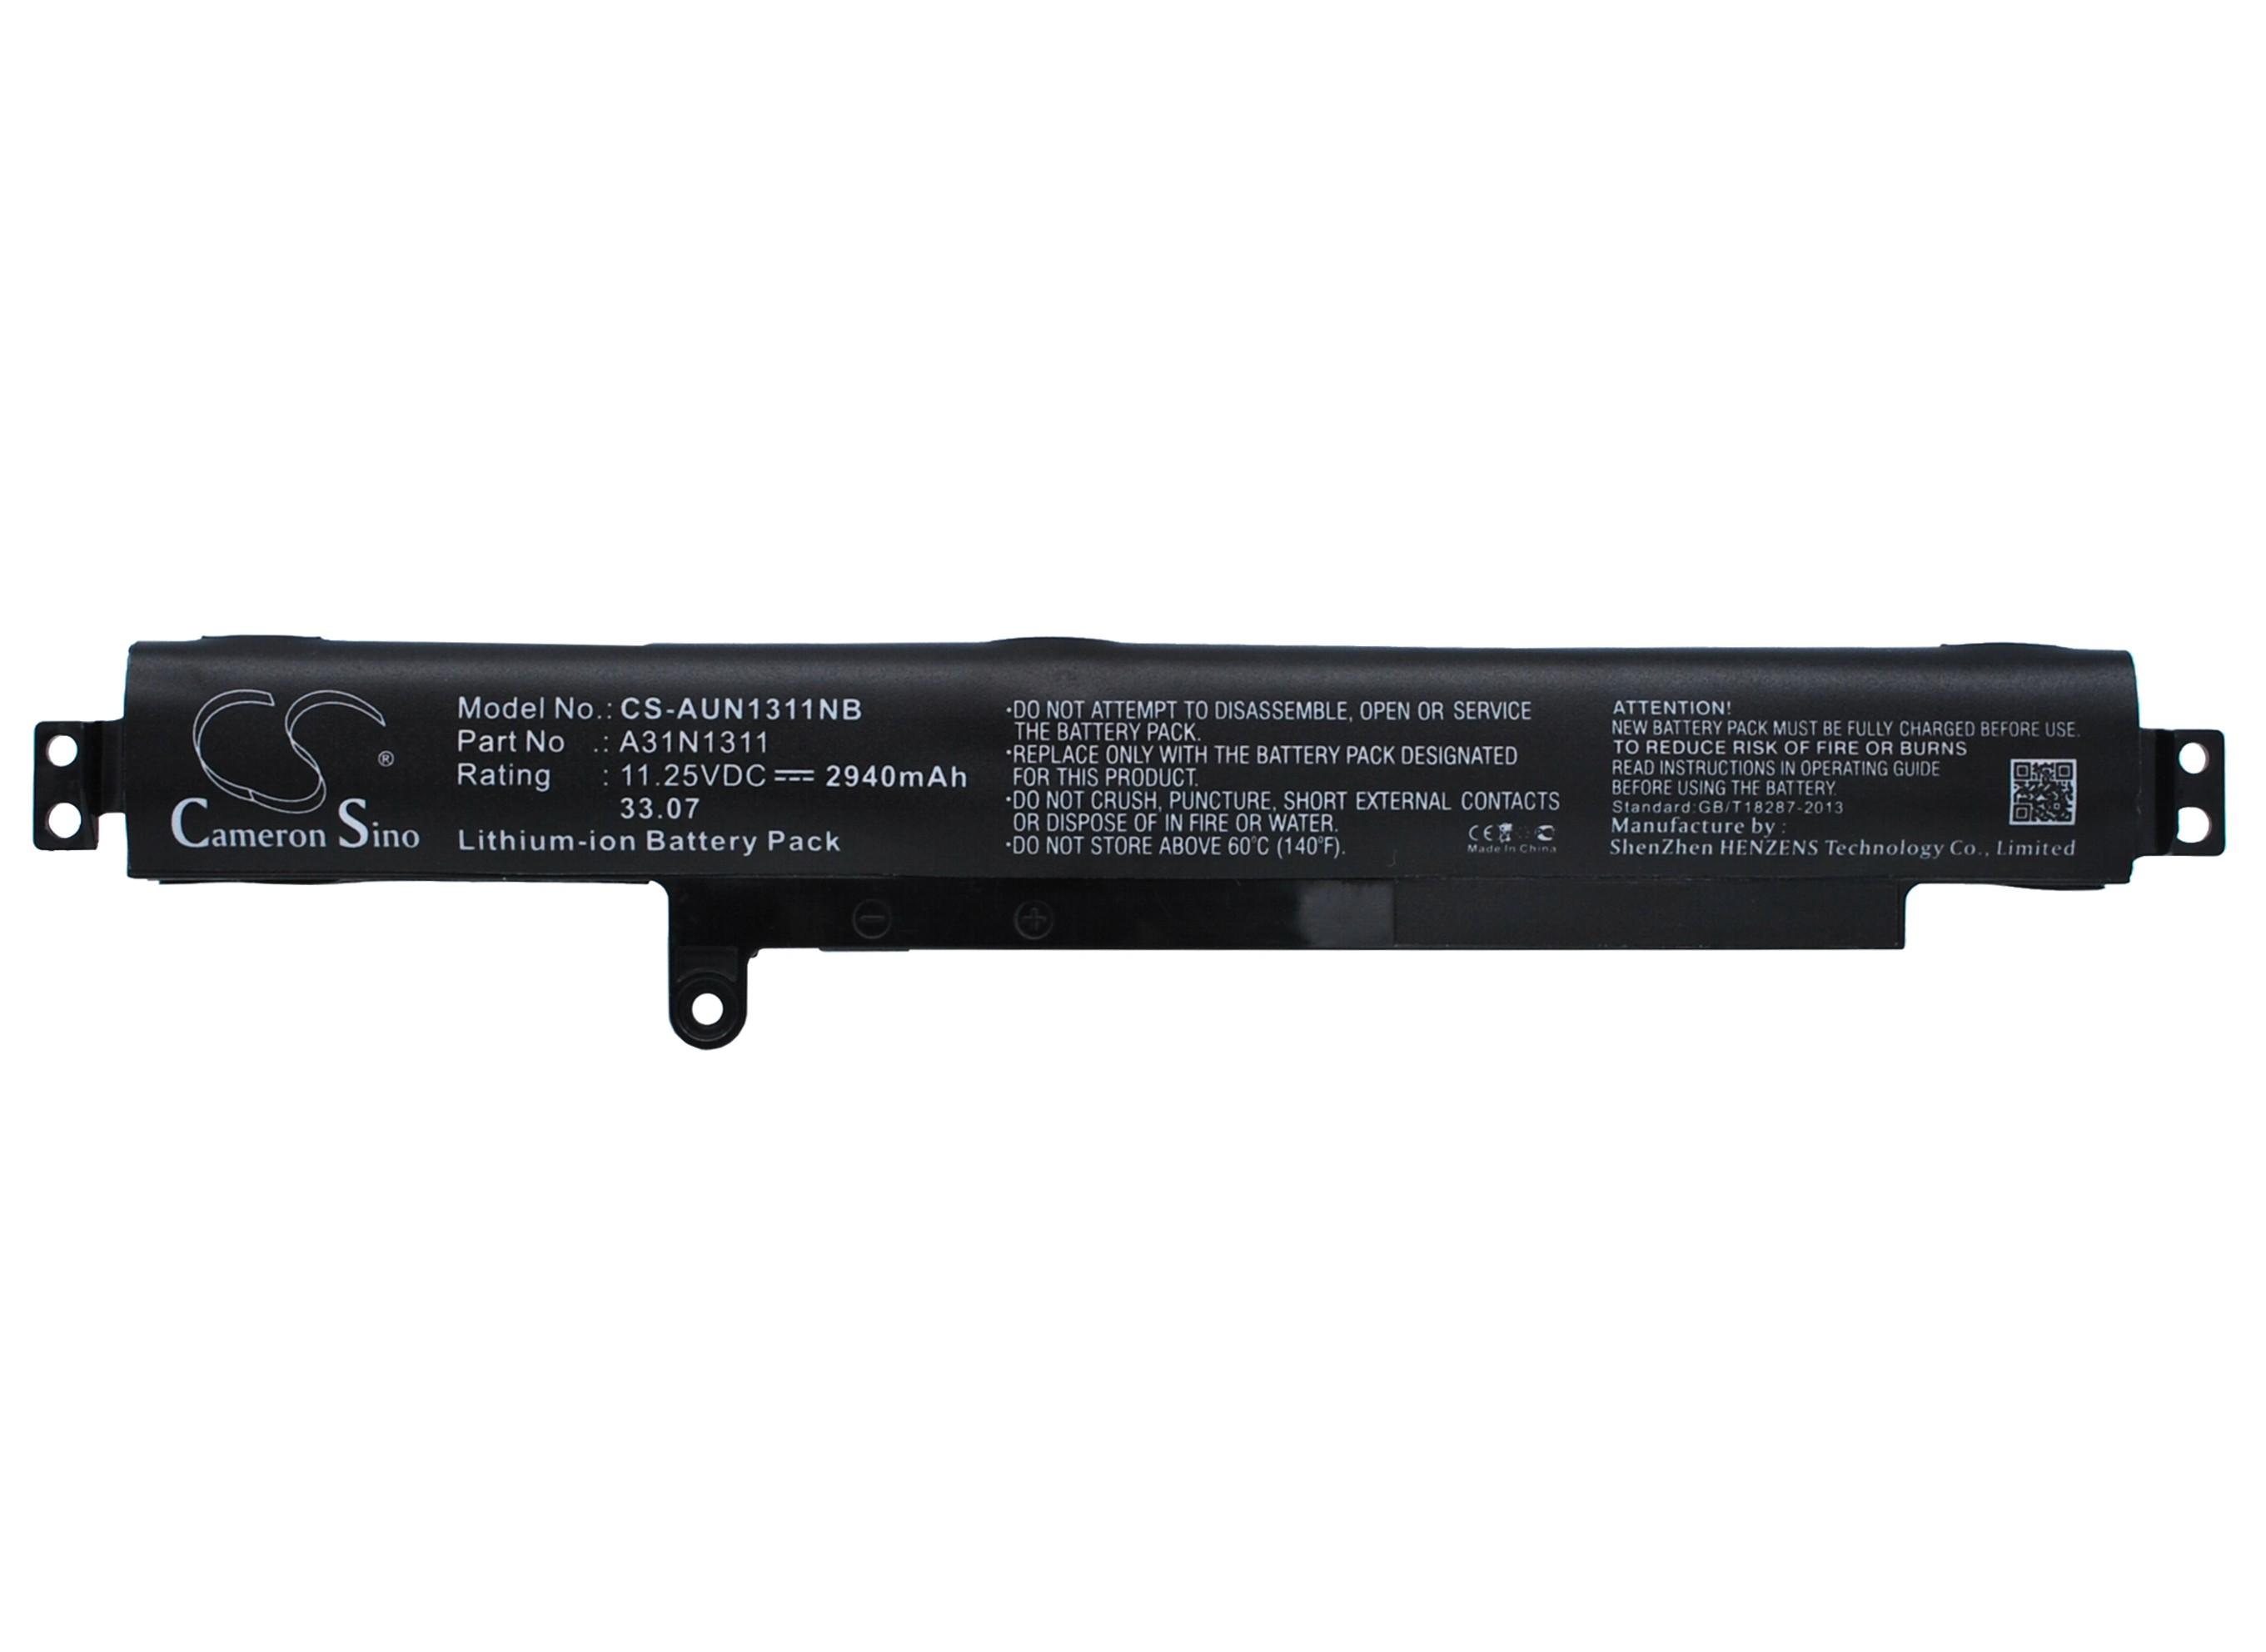 Cameron Sino baterie do notebooků pro ASUS VivoBook F102BA 11.25V Li-ion 2940mAh černá - neoriginální